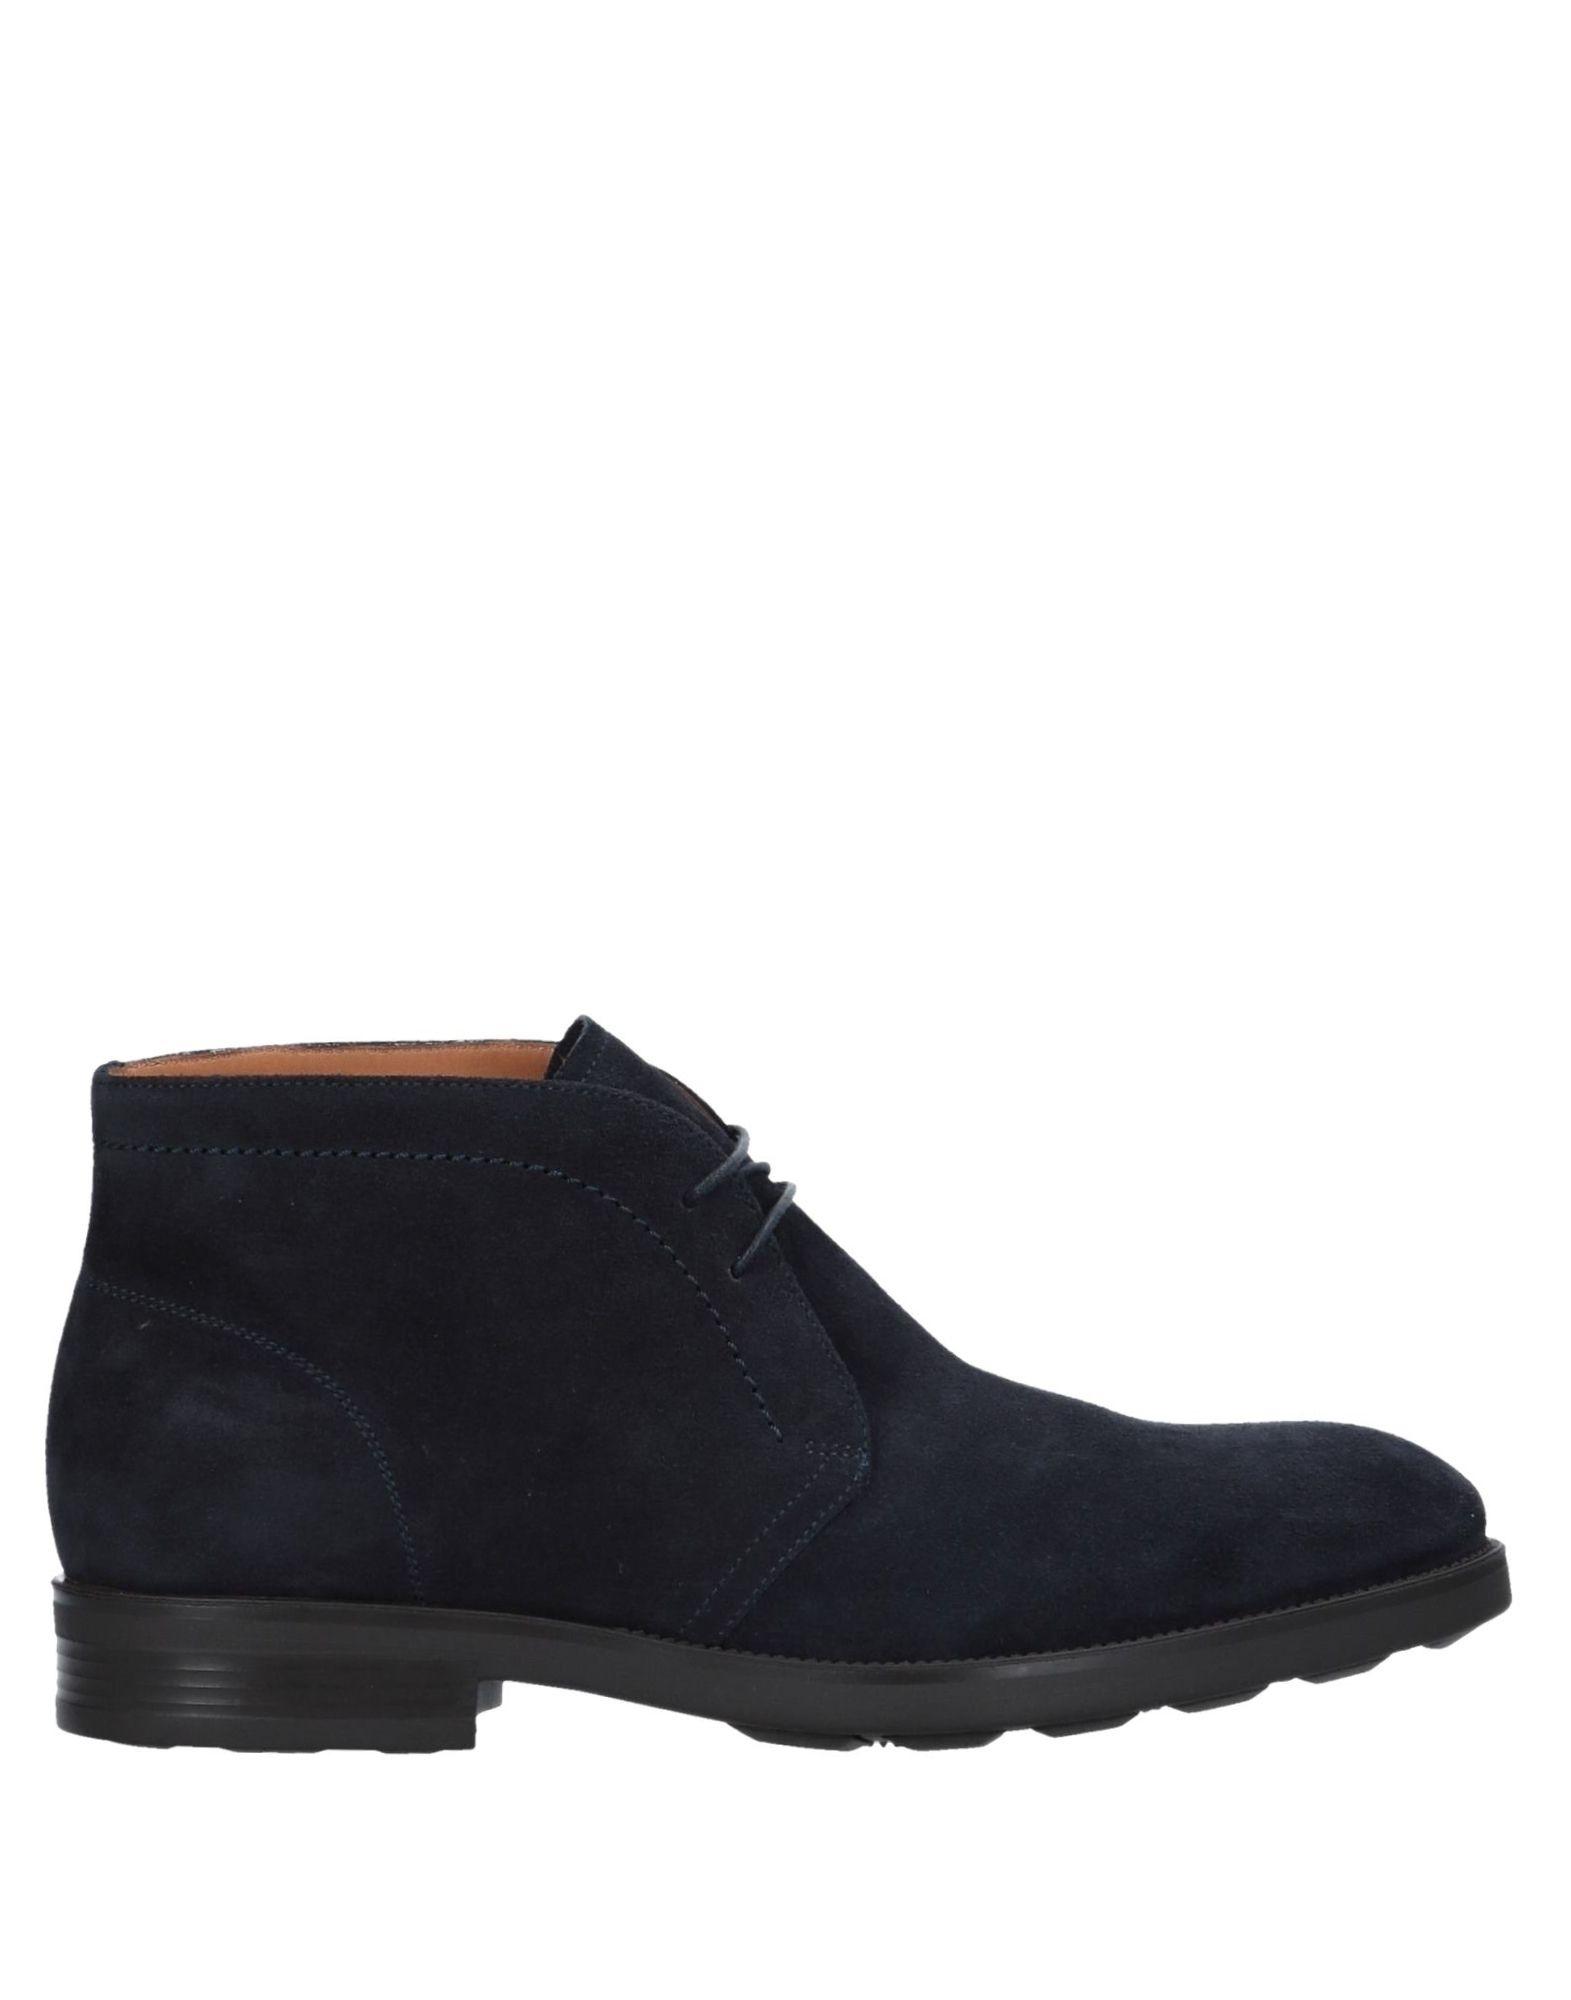 Fabi Stiefelette Herren  11532516CJ Gute Qualität beliebte Schuhe